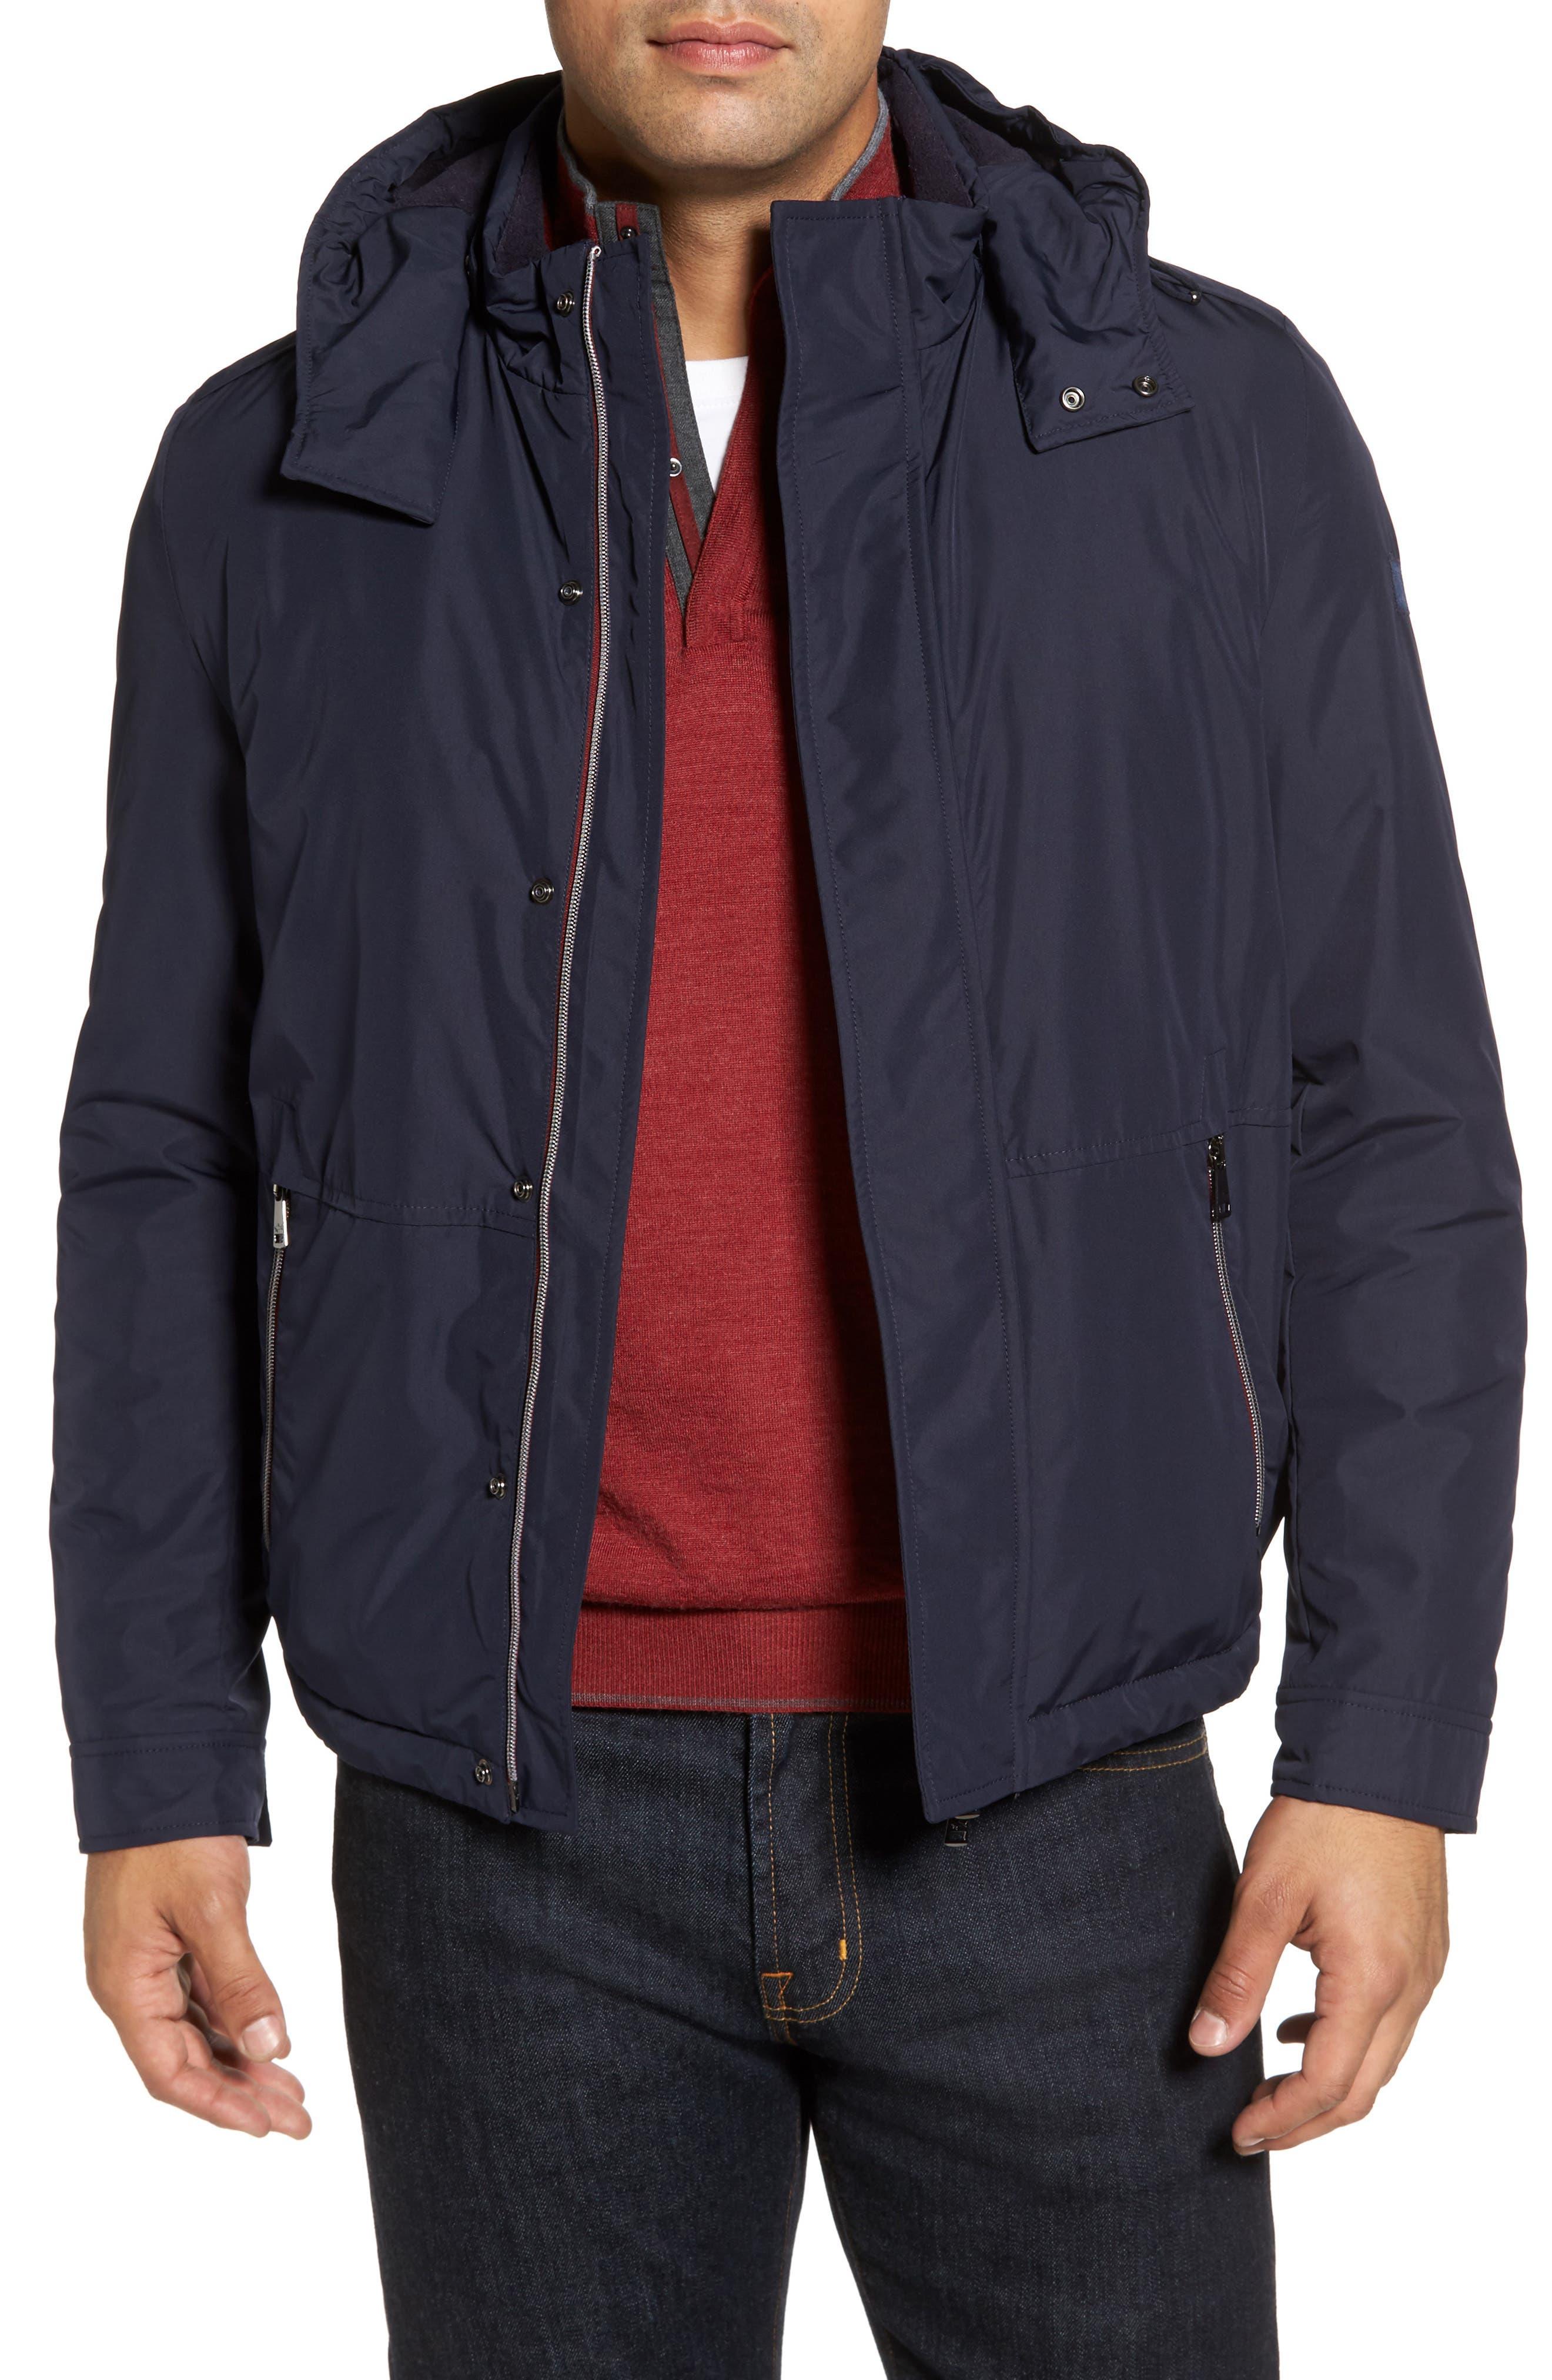 Paul&Shark Fleece Lined Hooded Jacket,                             Main thumbnail 1, color,                             400